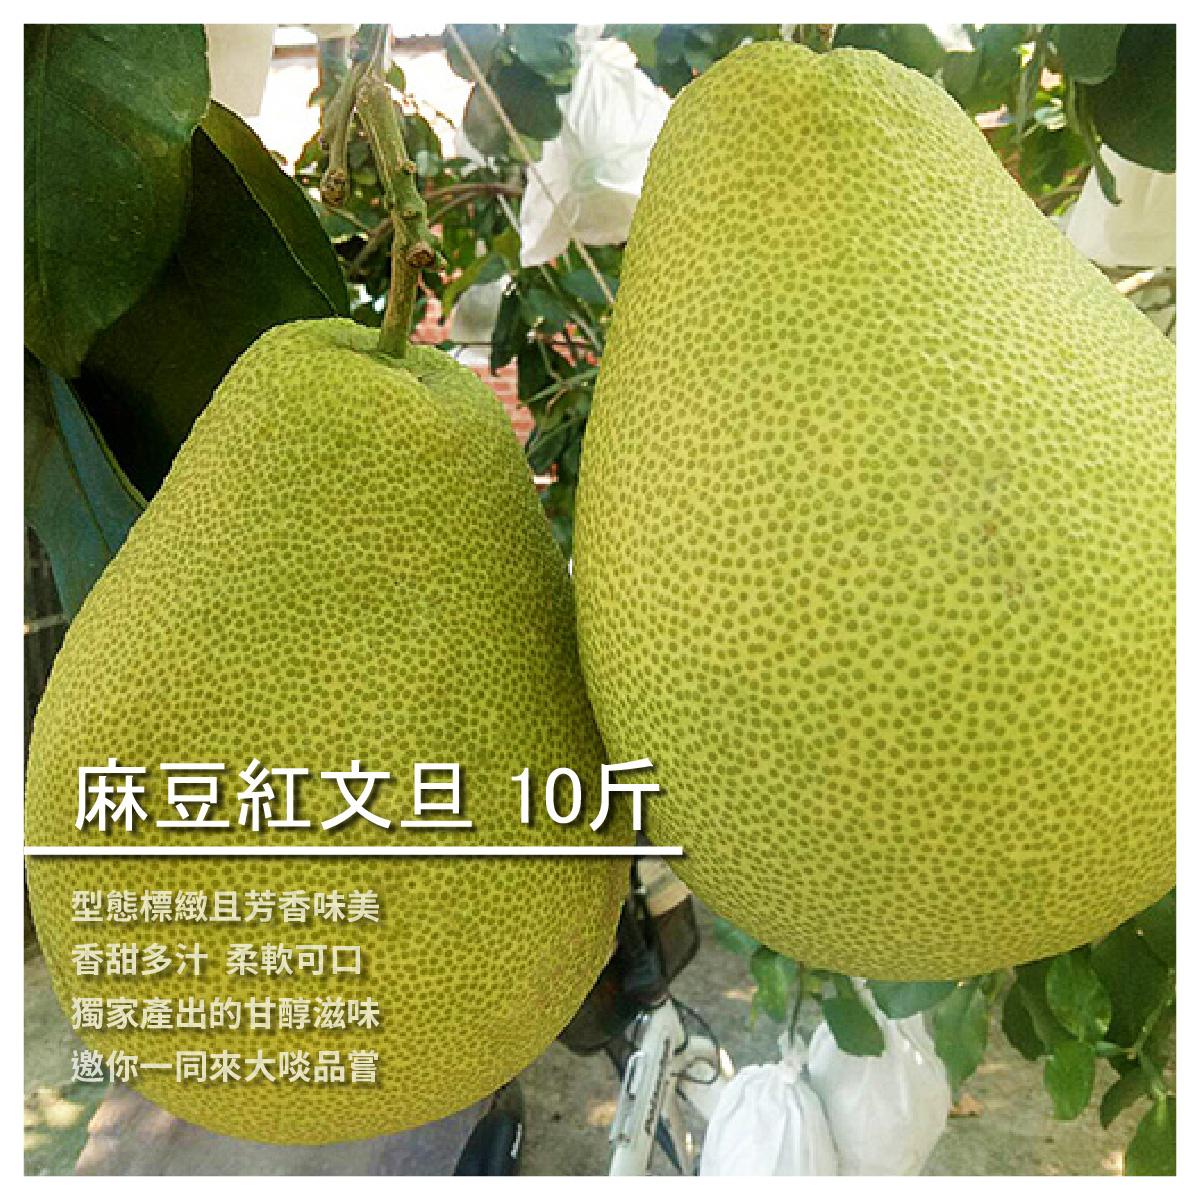 【柚香世家】麻豆紅文旦 10斤